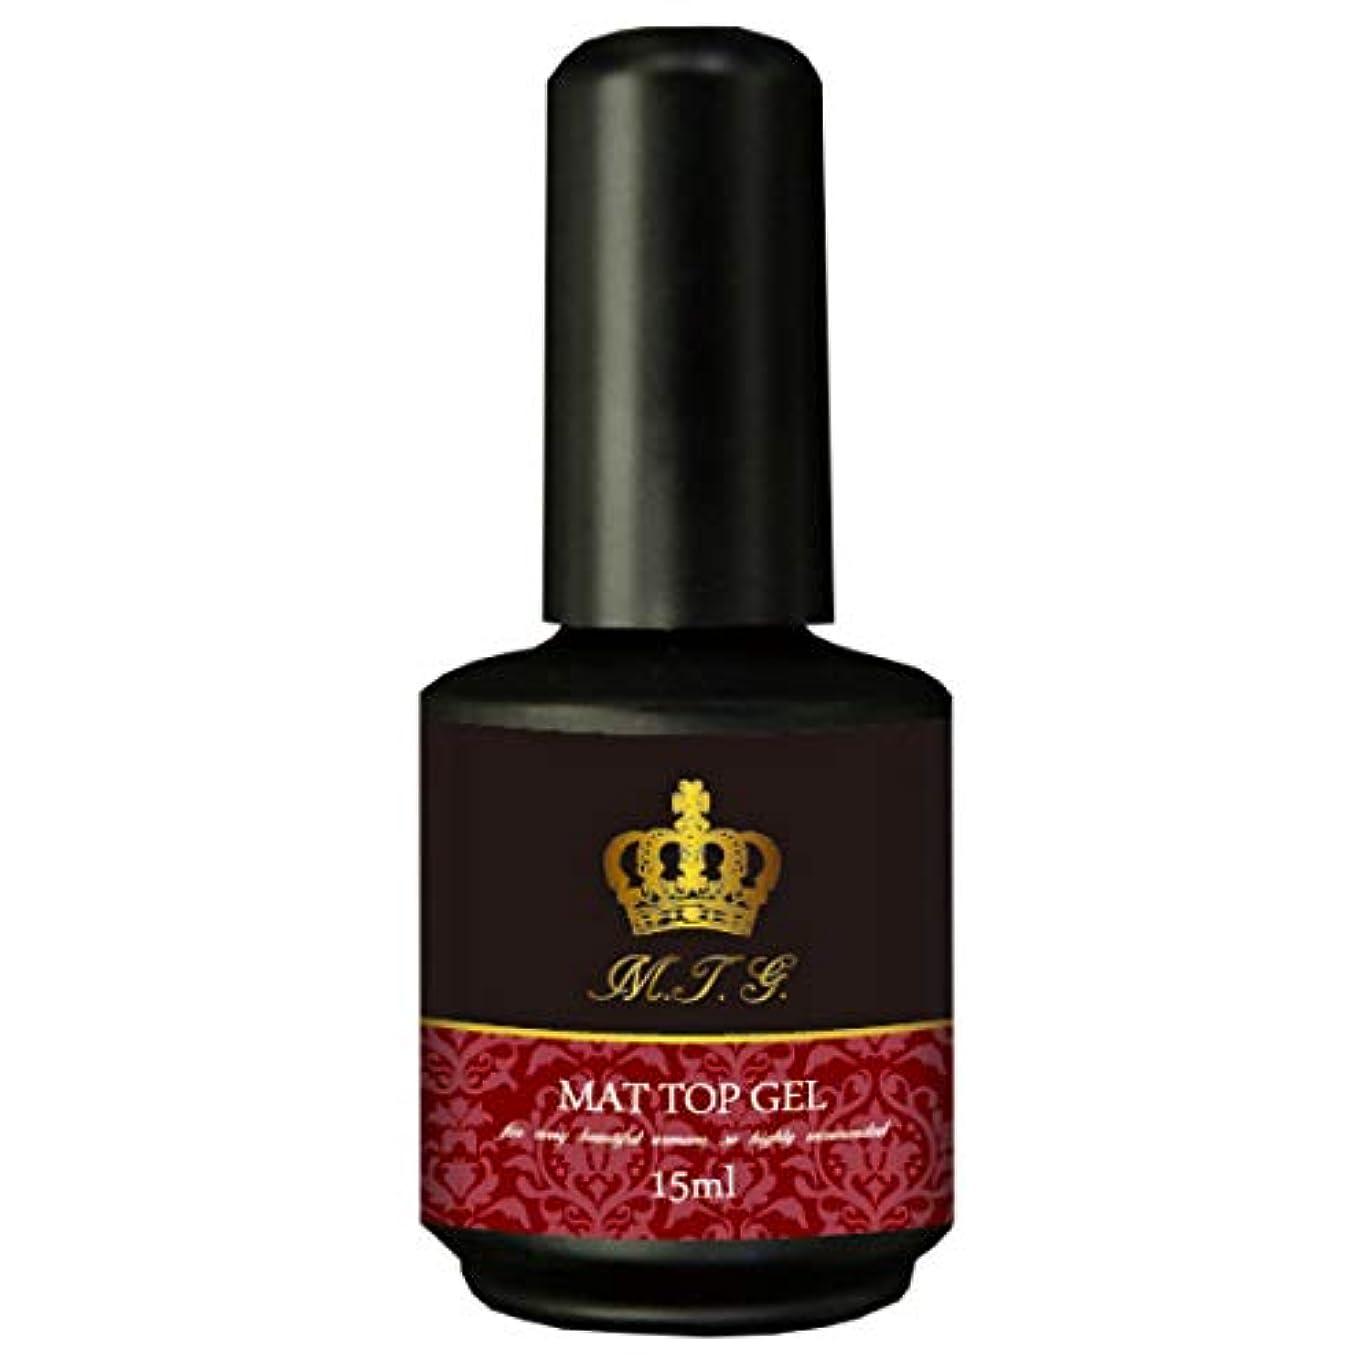 昇るさまよう公爵ネイル マットコート トップコート マットトップジェル ノンワイプ『ジェルネイル《拭き取り不要のポリッシュタイプ》MAT TOP COAT GEL』+プレゼント付き (15ml)